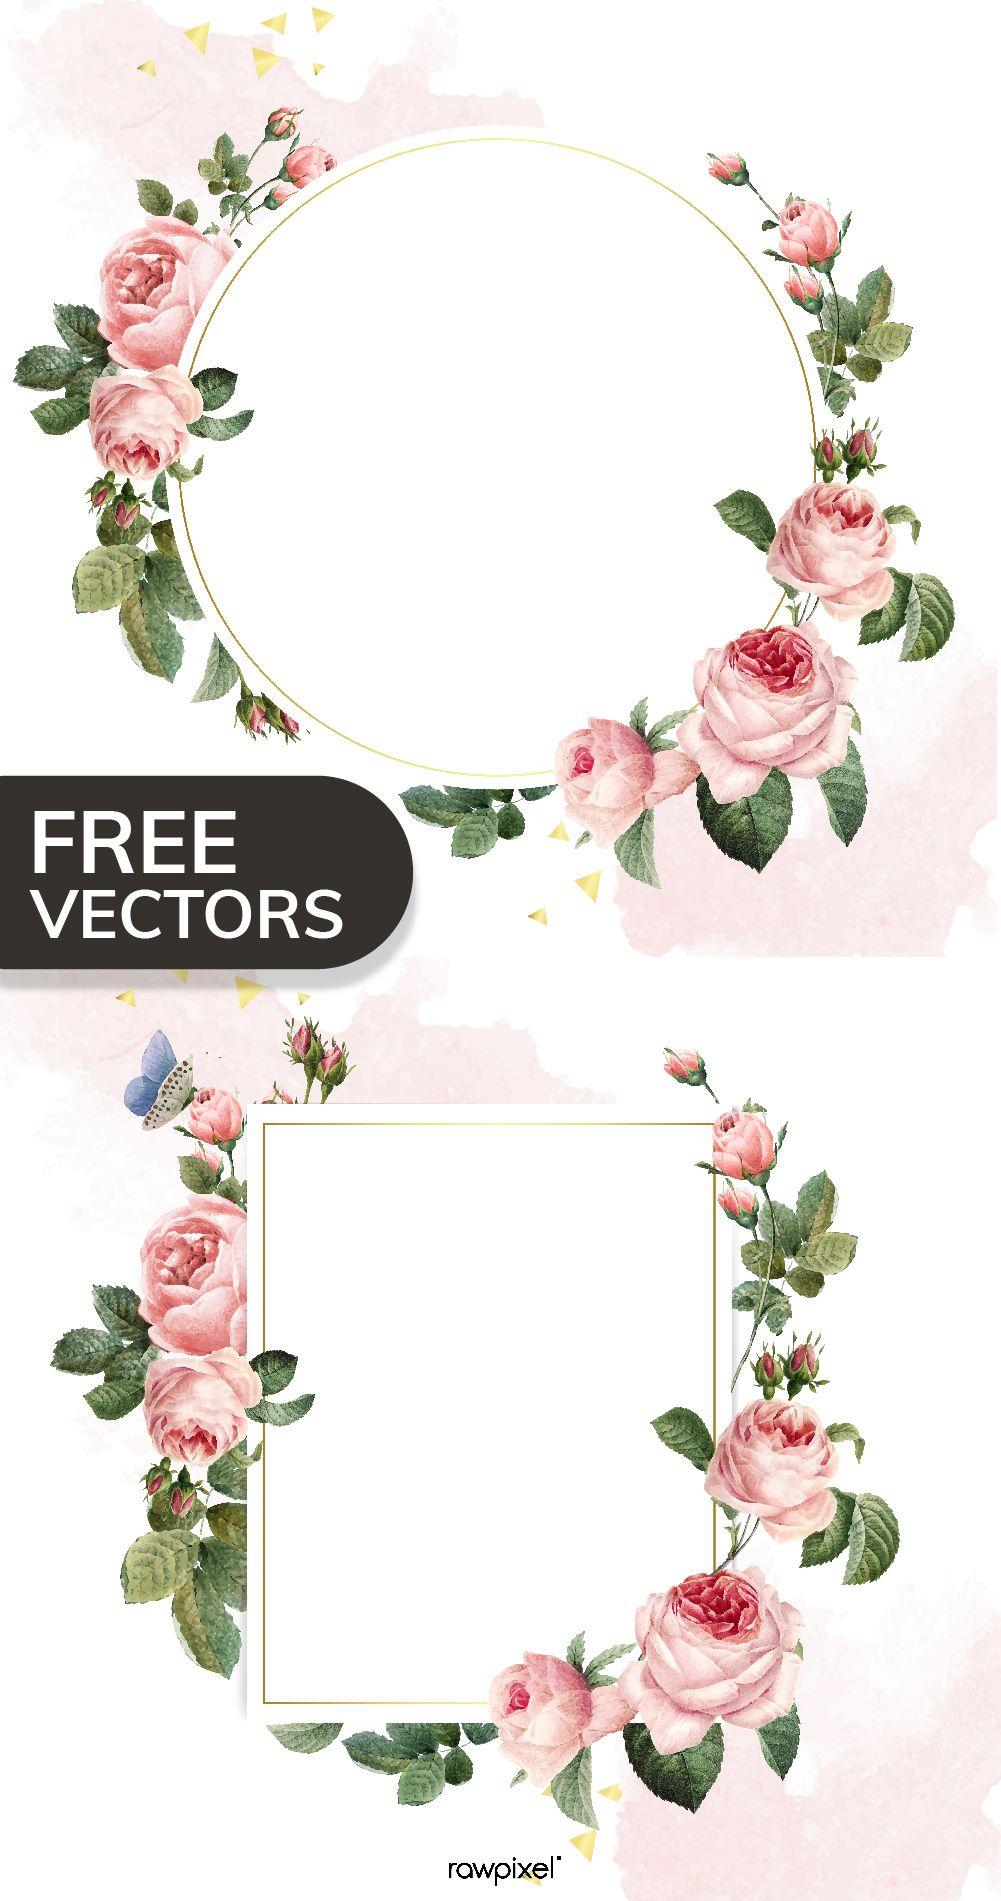 Floral Frame Vectors Floral Border Design Floral Border Floral